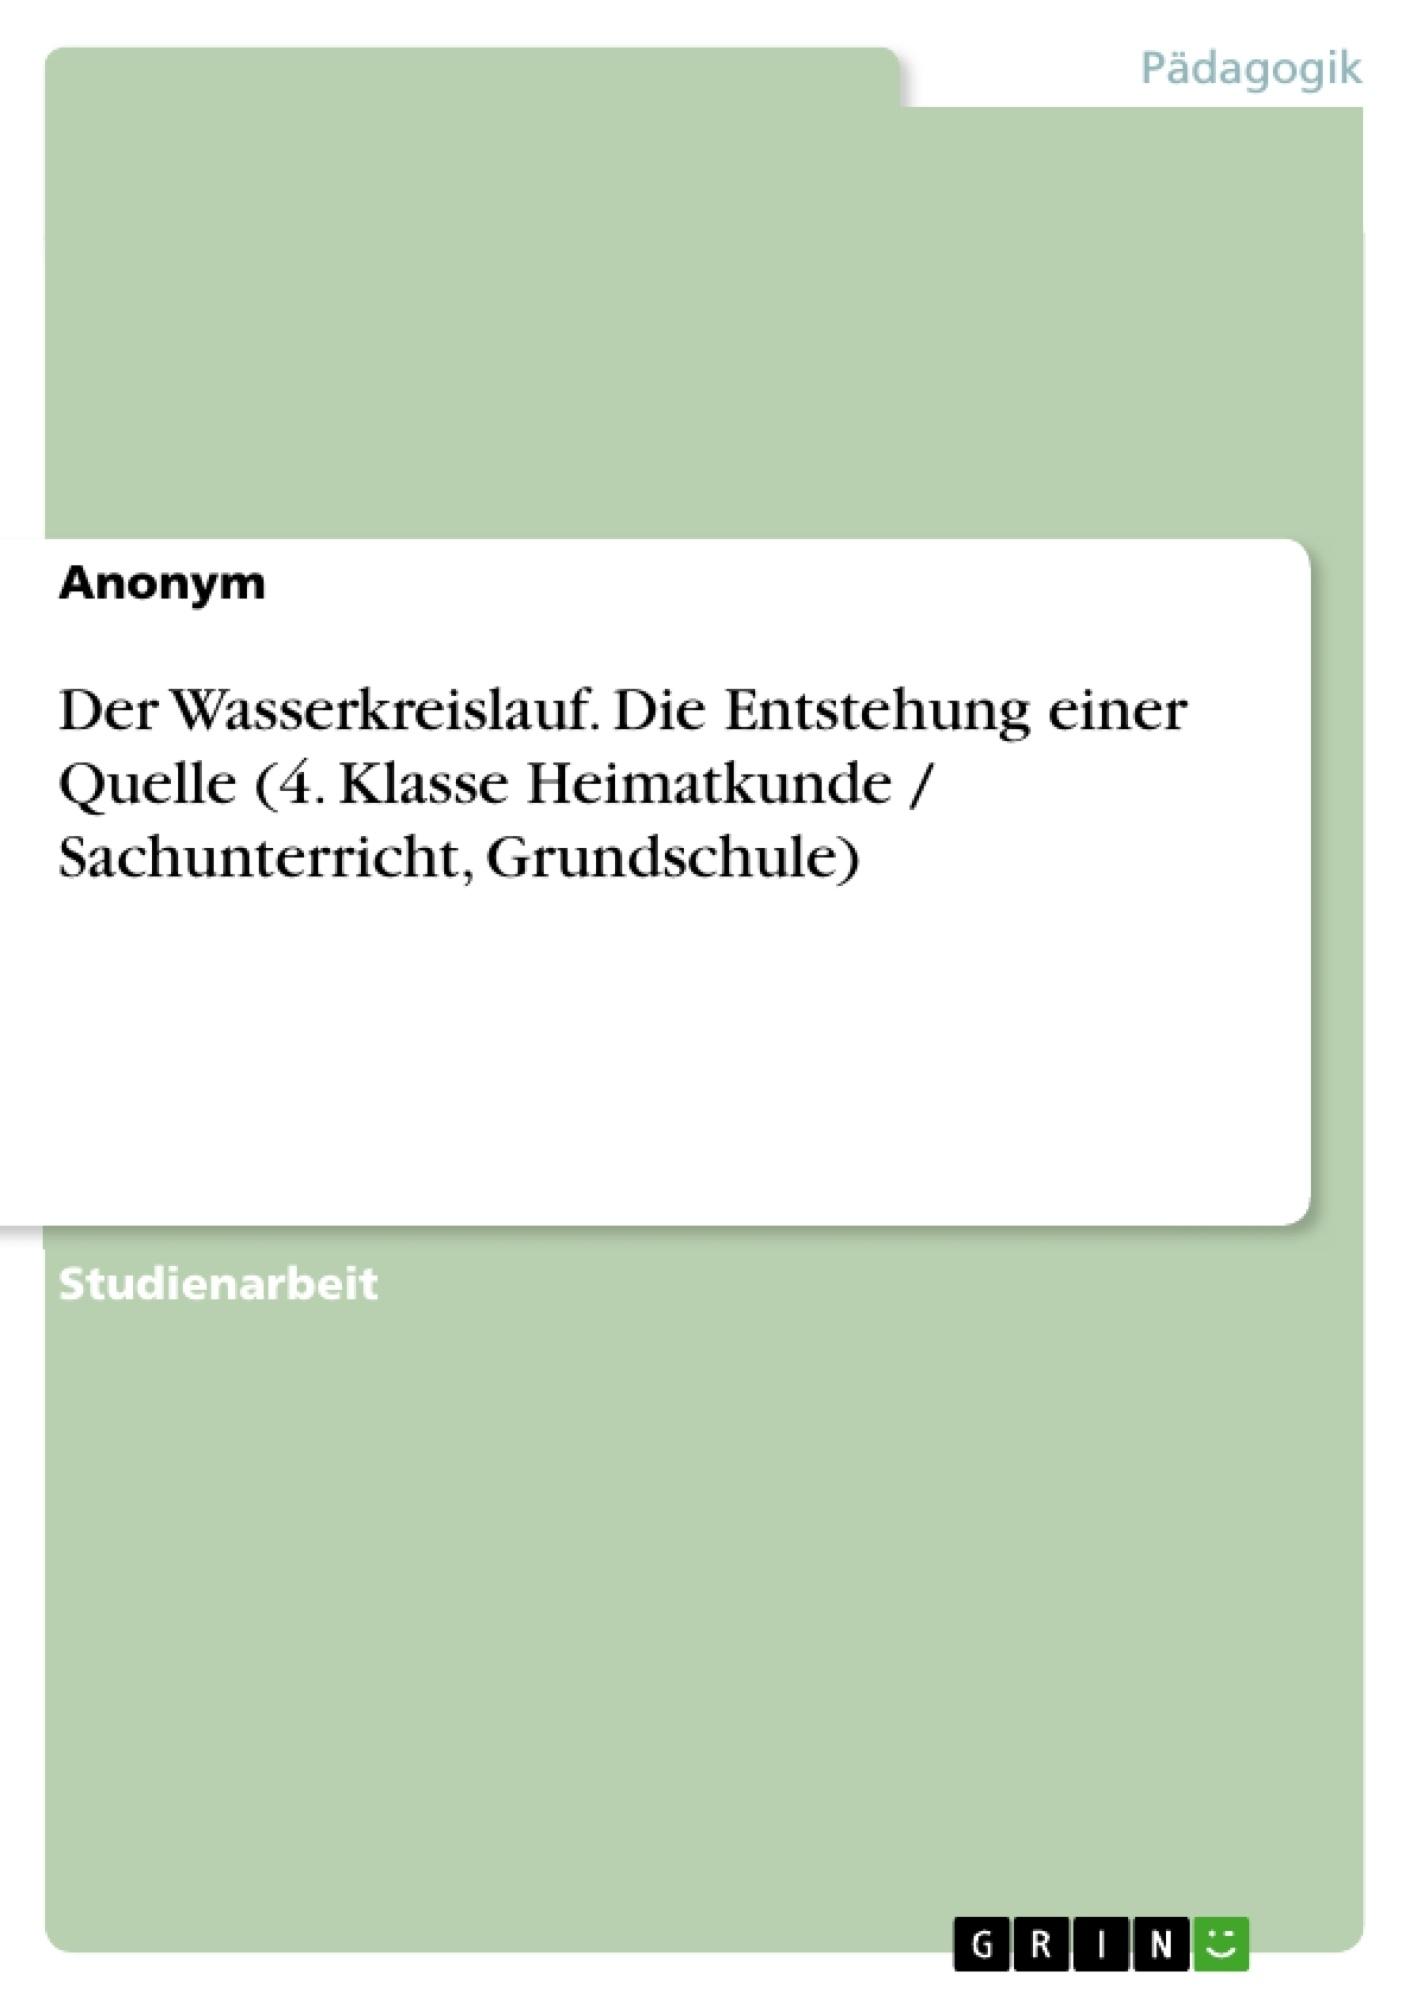 Titel: Der Wasserkreislauf. Die Entstehung einer Quelle (4. Klasse Heimatkunde / Sachunterricht, Grundschule)